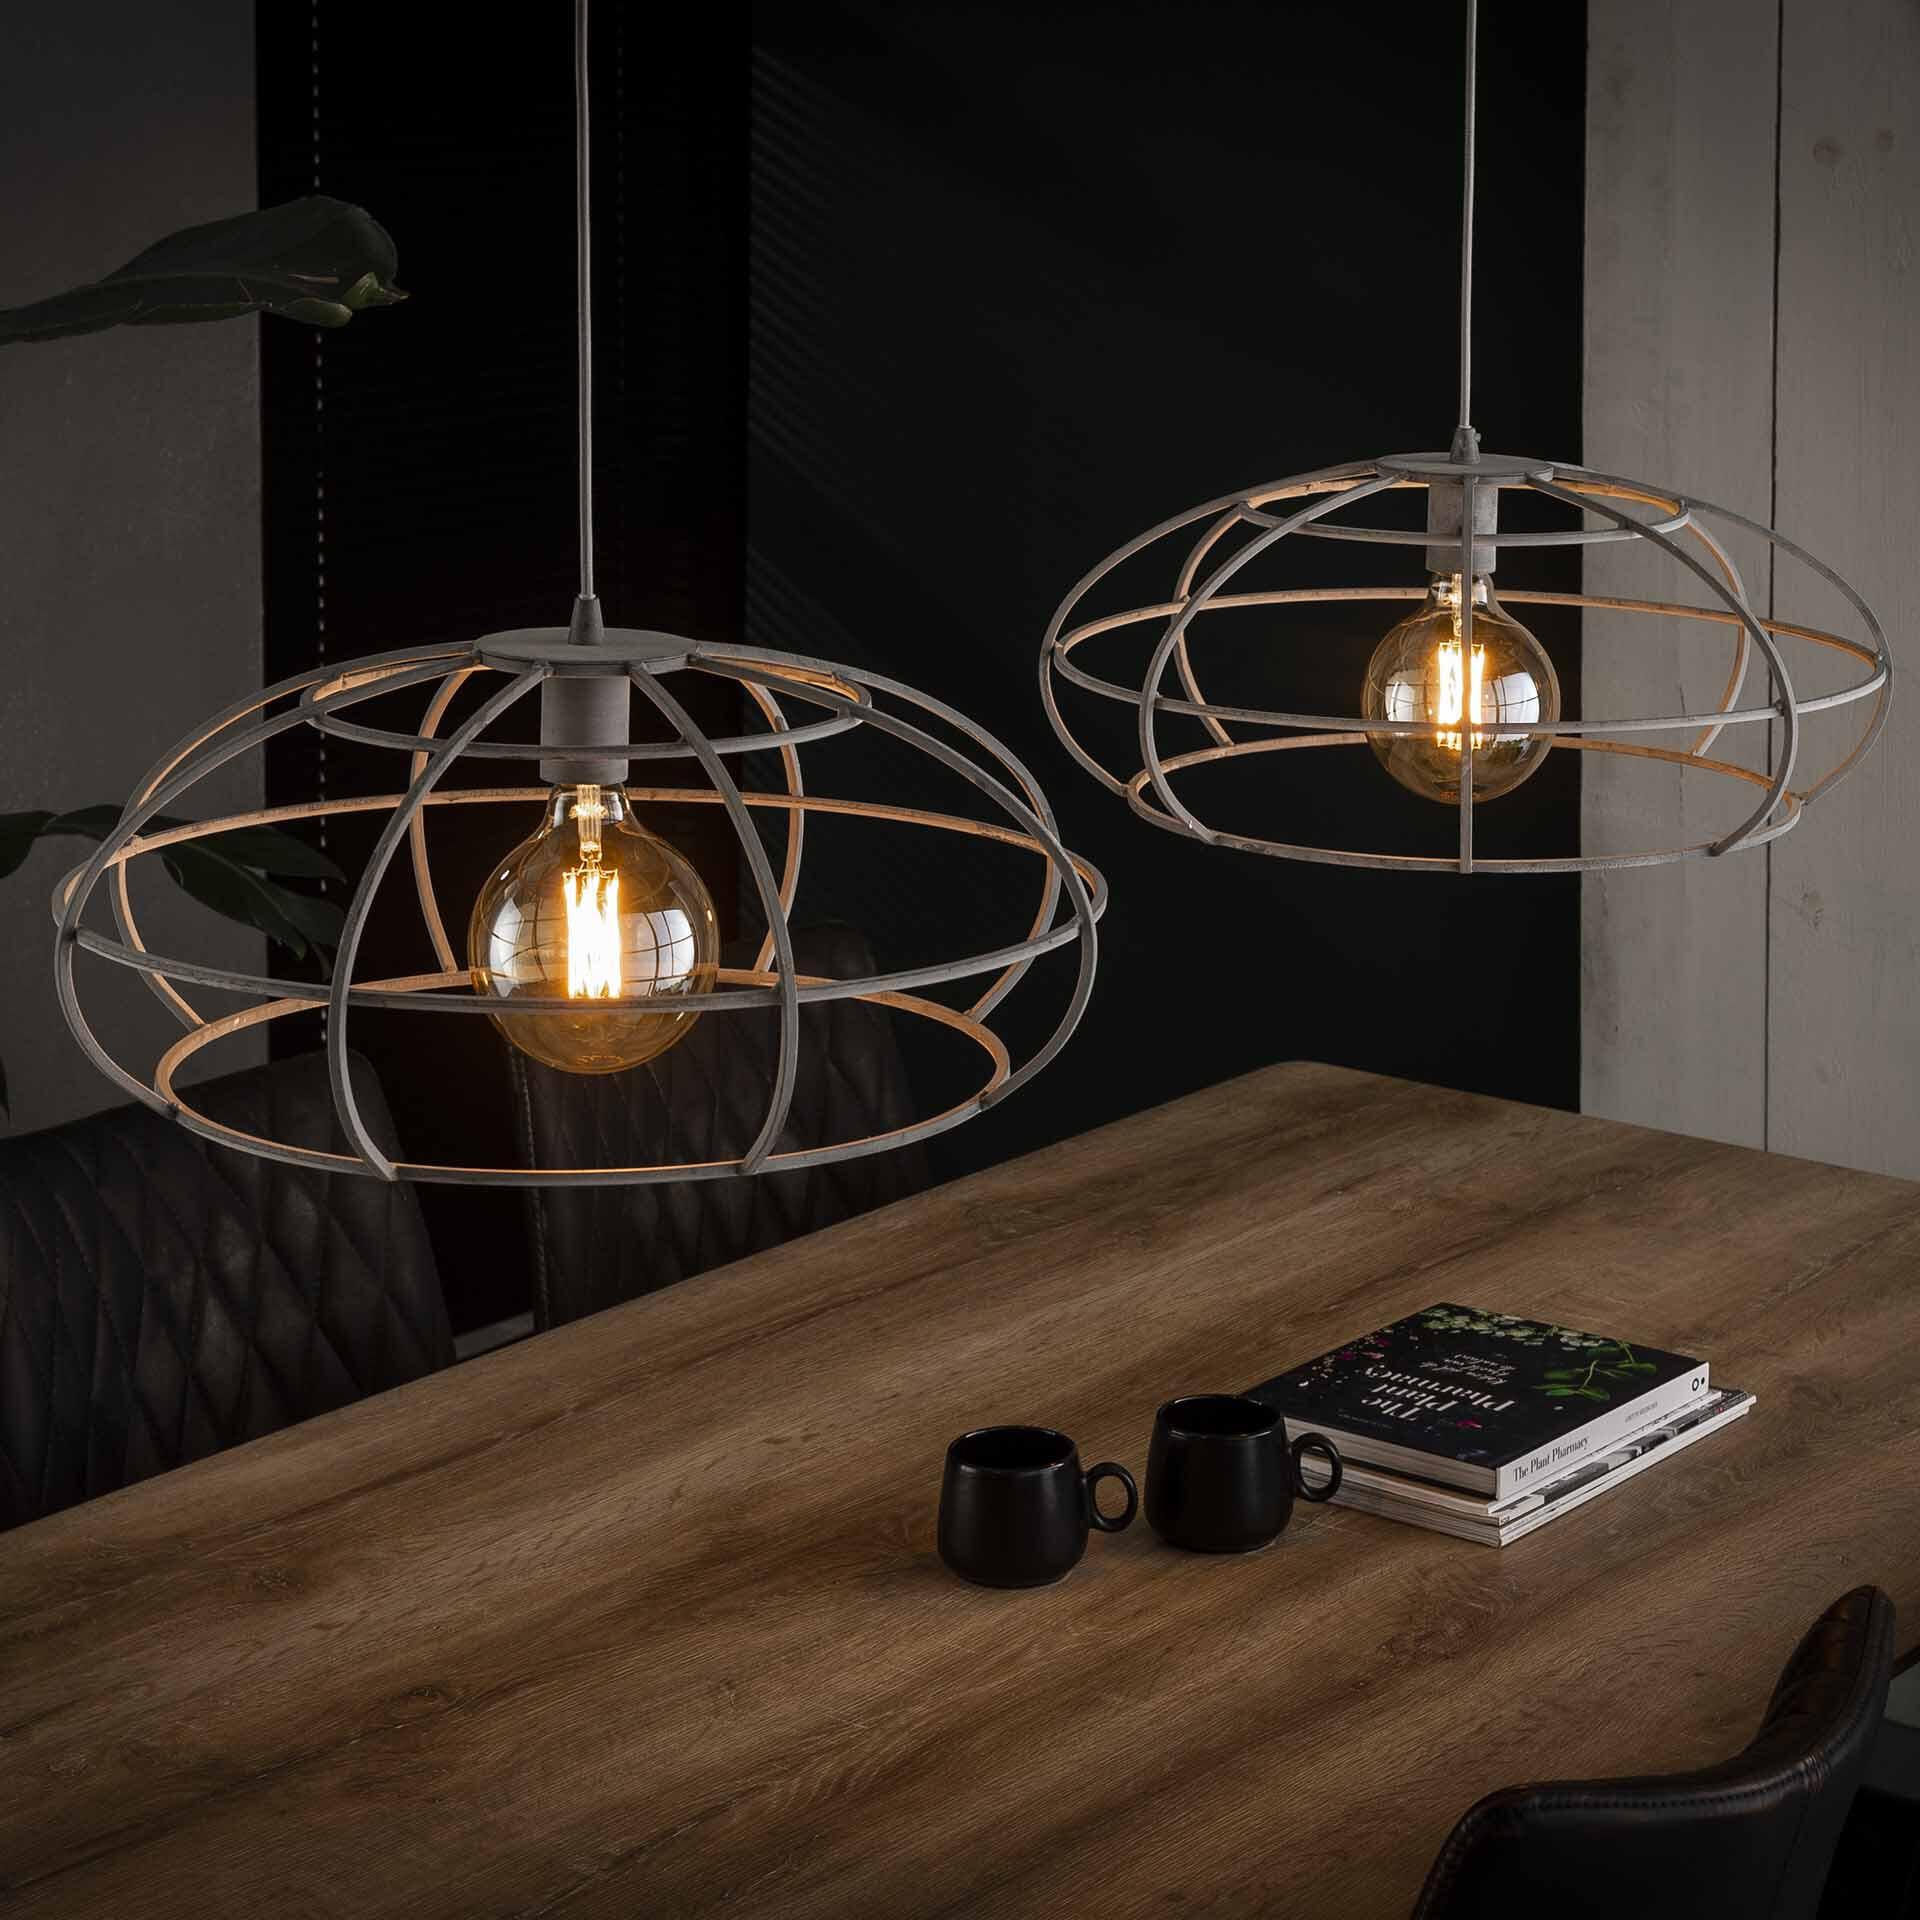 Dubbele Hanglamp 'Crispin' Ø50cm Verlichting | Hanglampen vergelijken doe je het voordeligst hier bij Meubelpartner